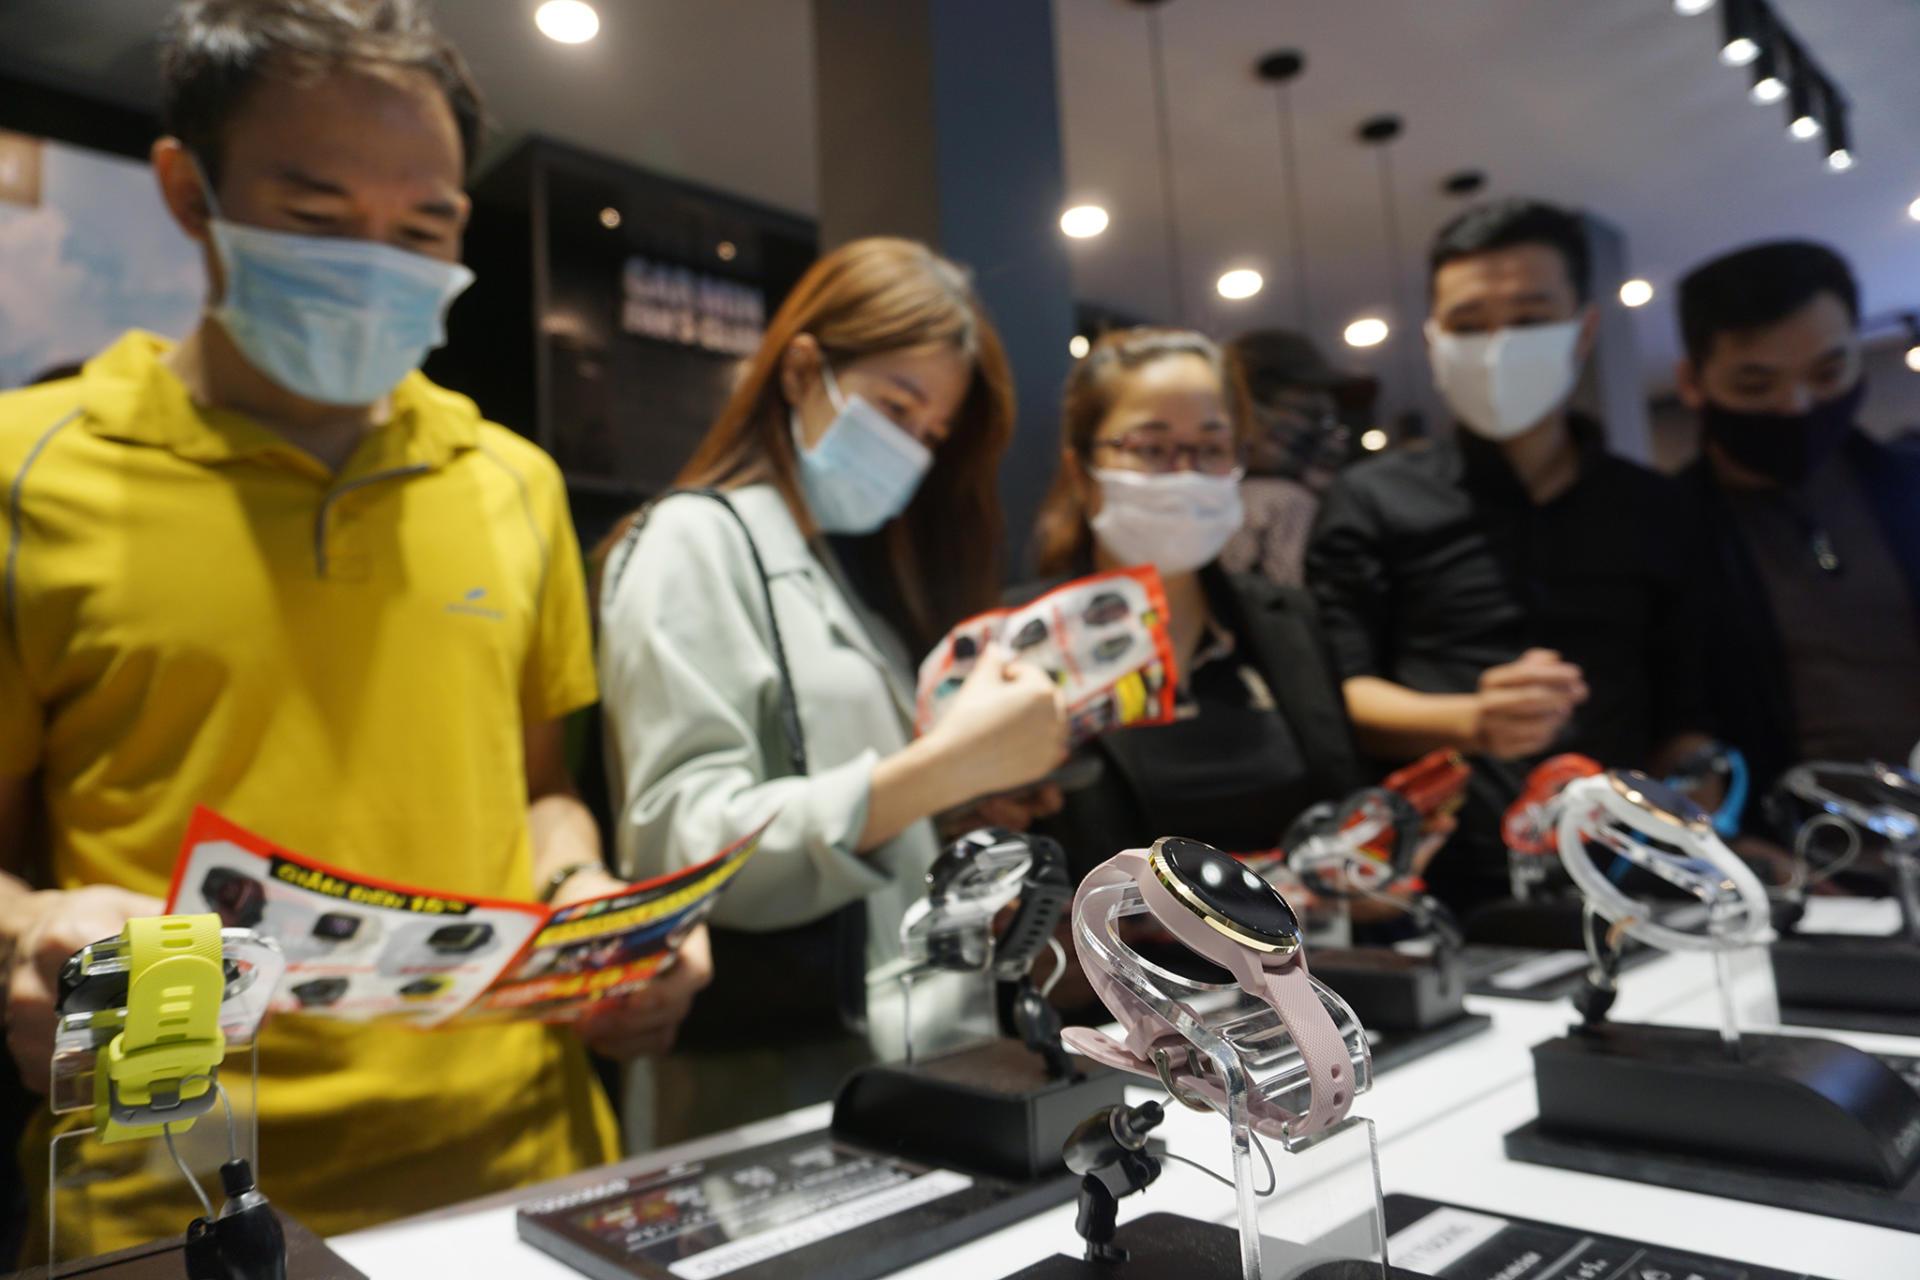 Garmin khai trương cửa hàng chính hãng đầu tiên tại Việt Nam